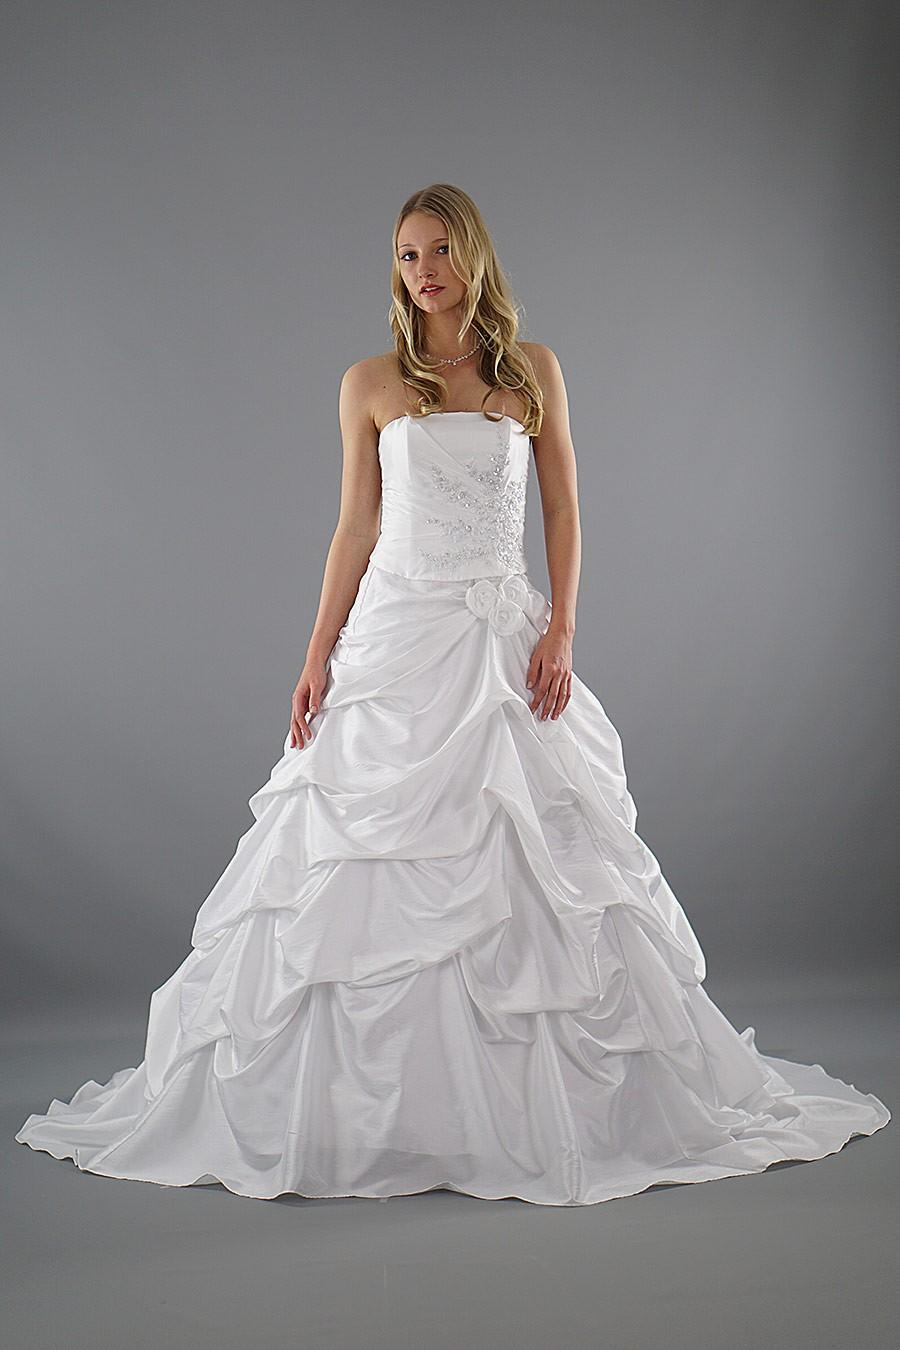 Brautkleid Ida - perfekt für große Größen | Schmetterling ...